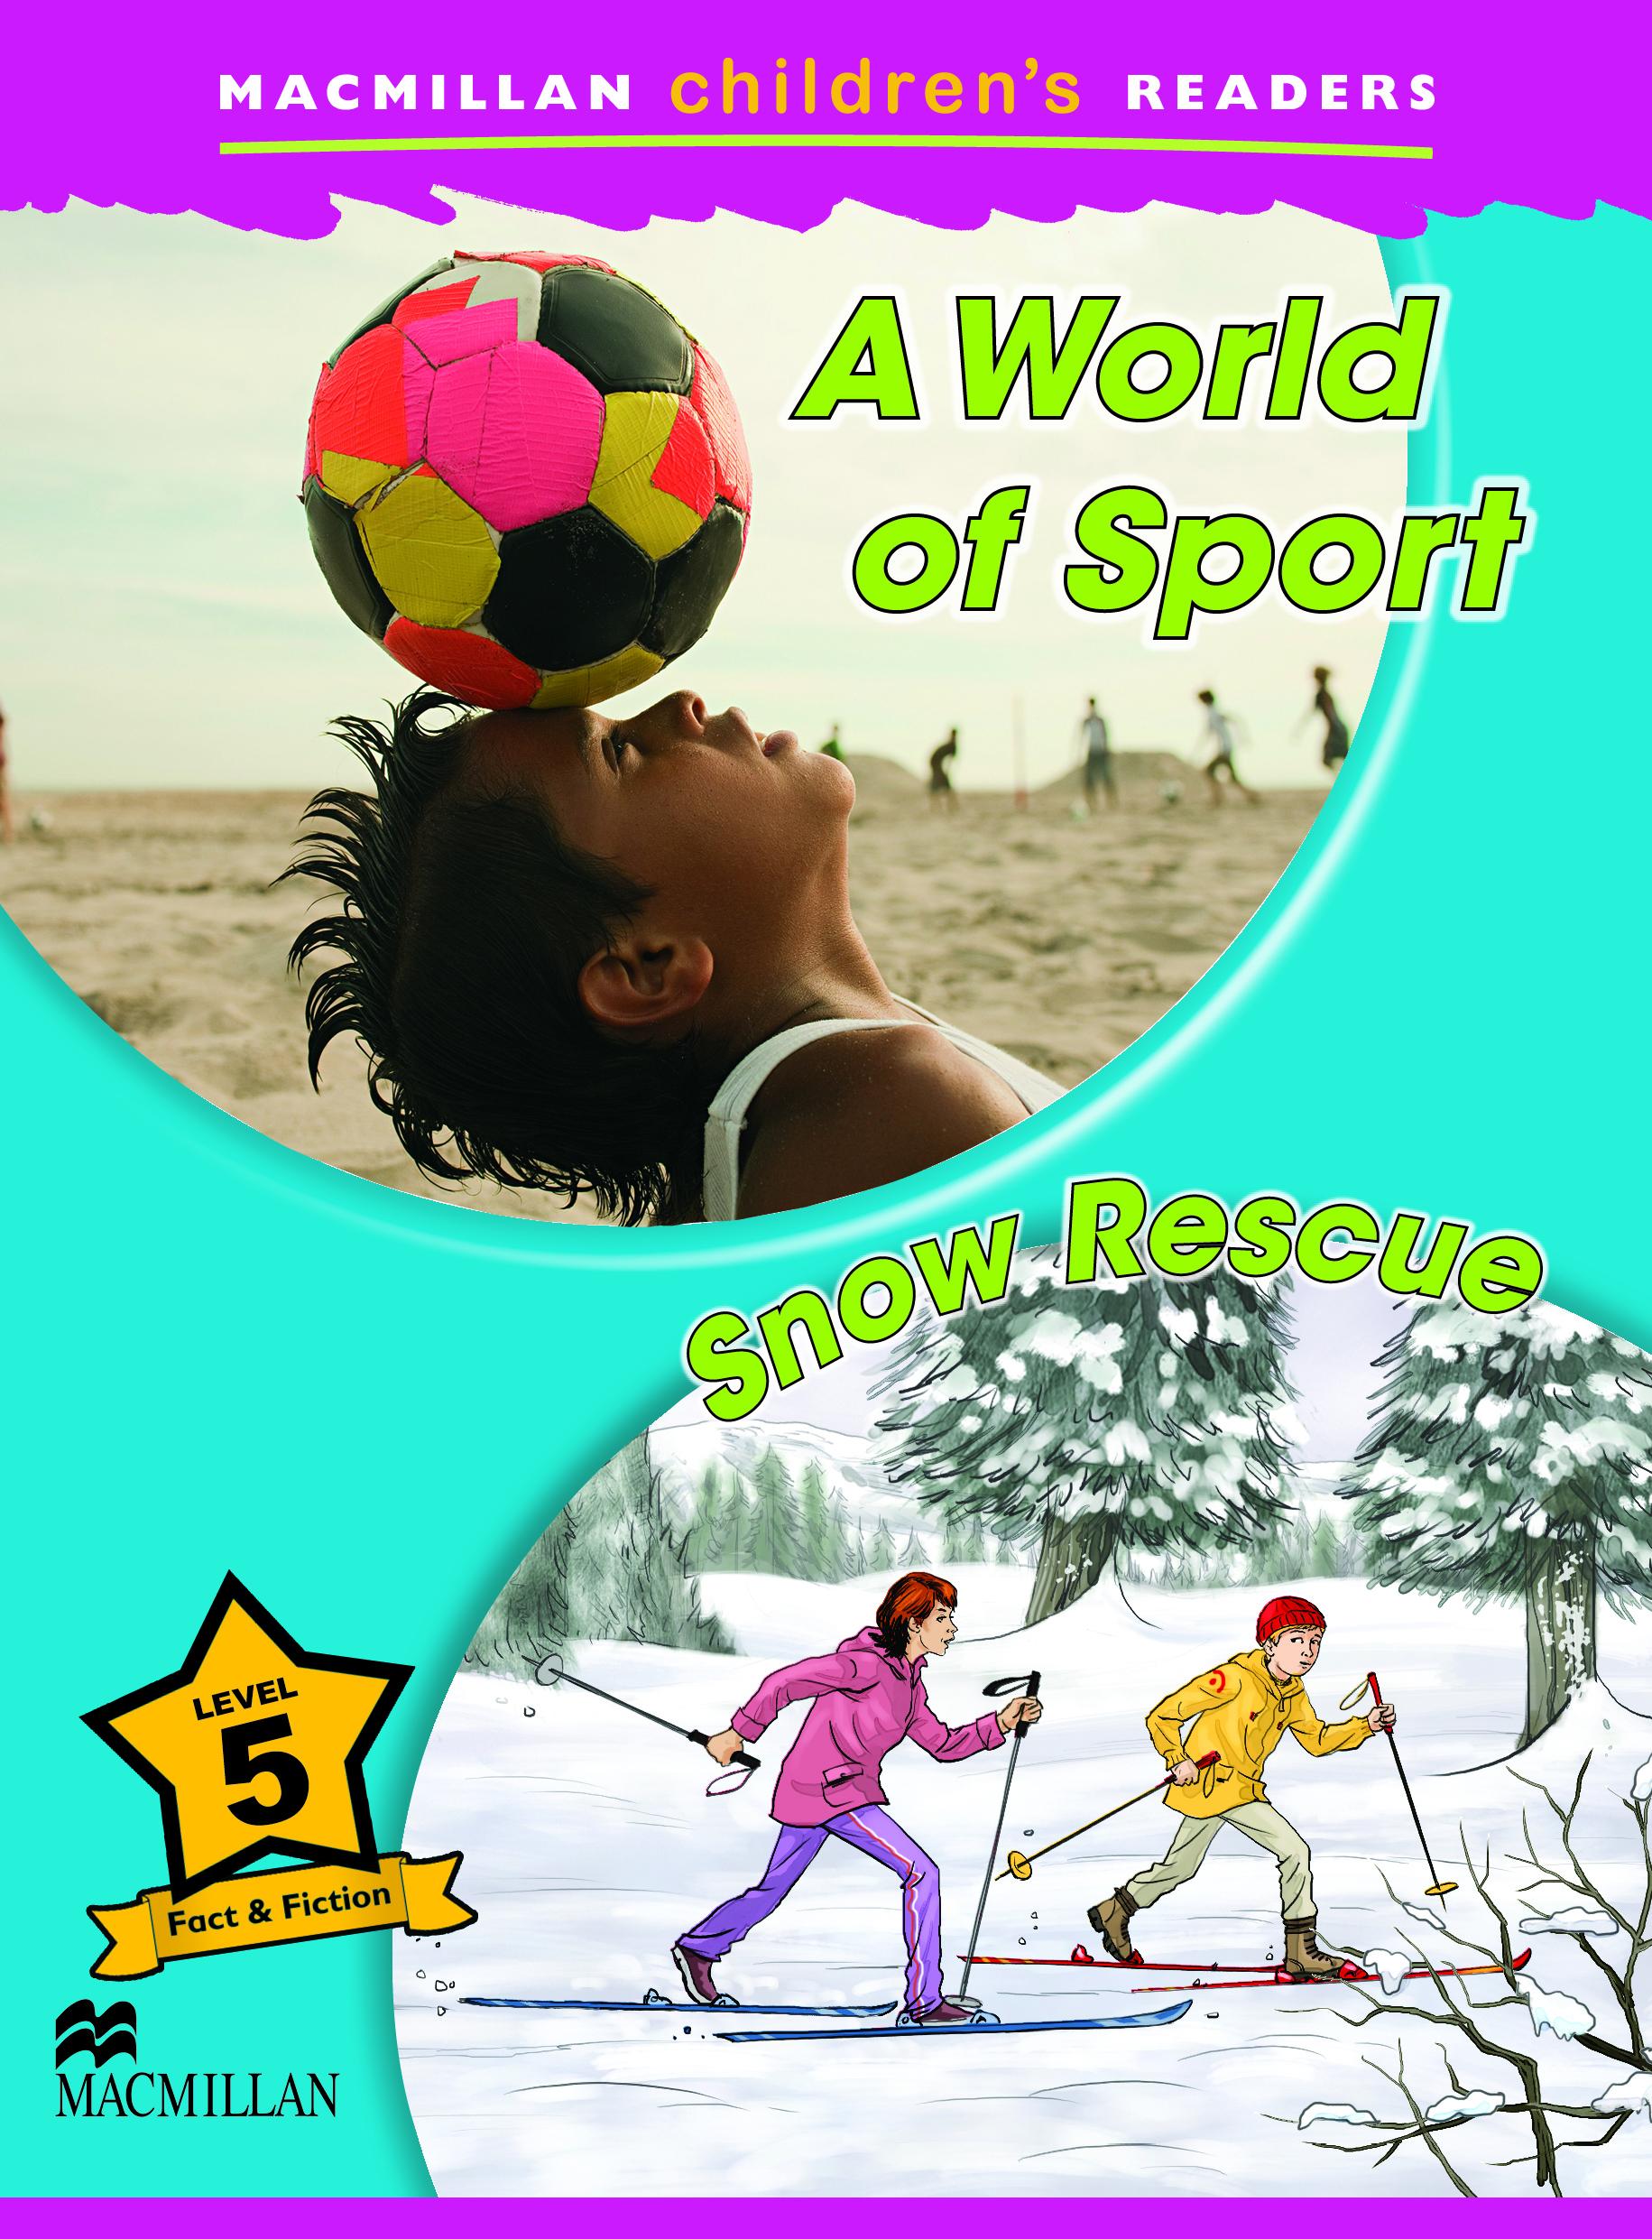 A World of Sport